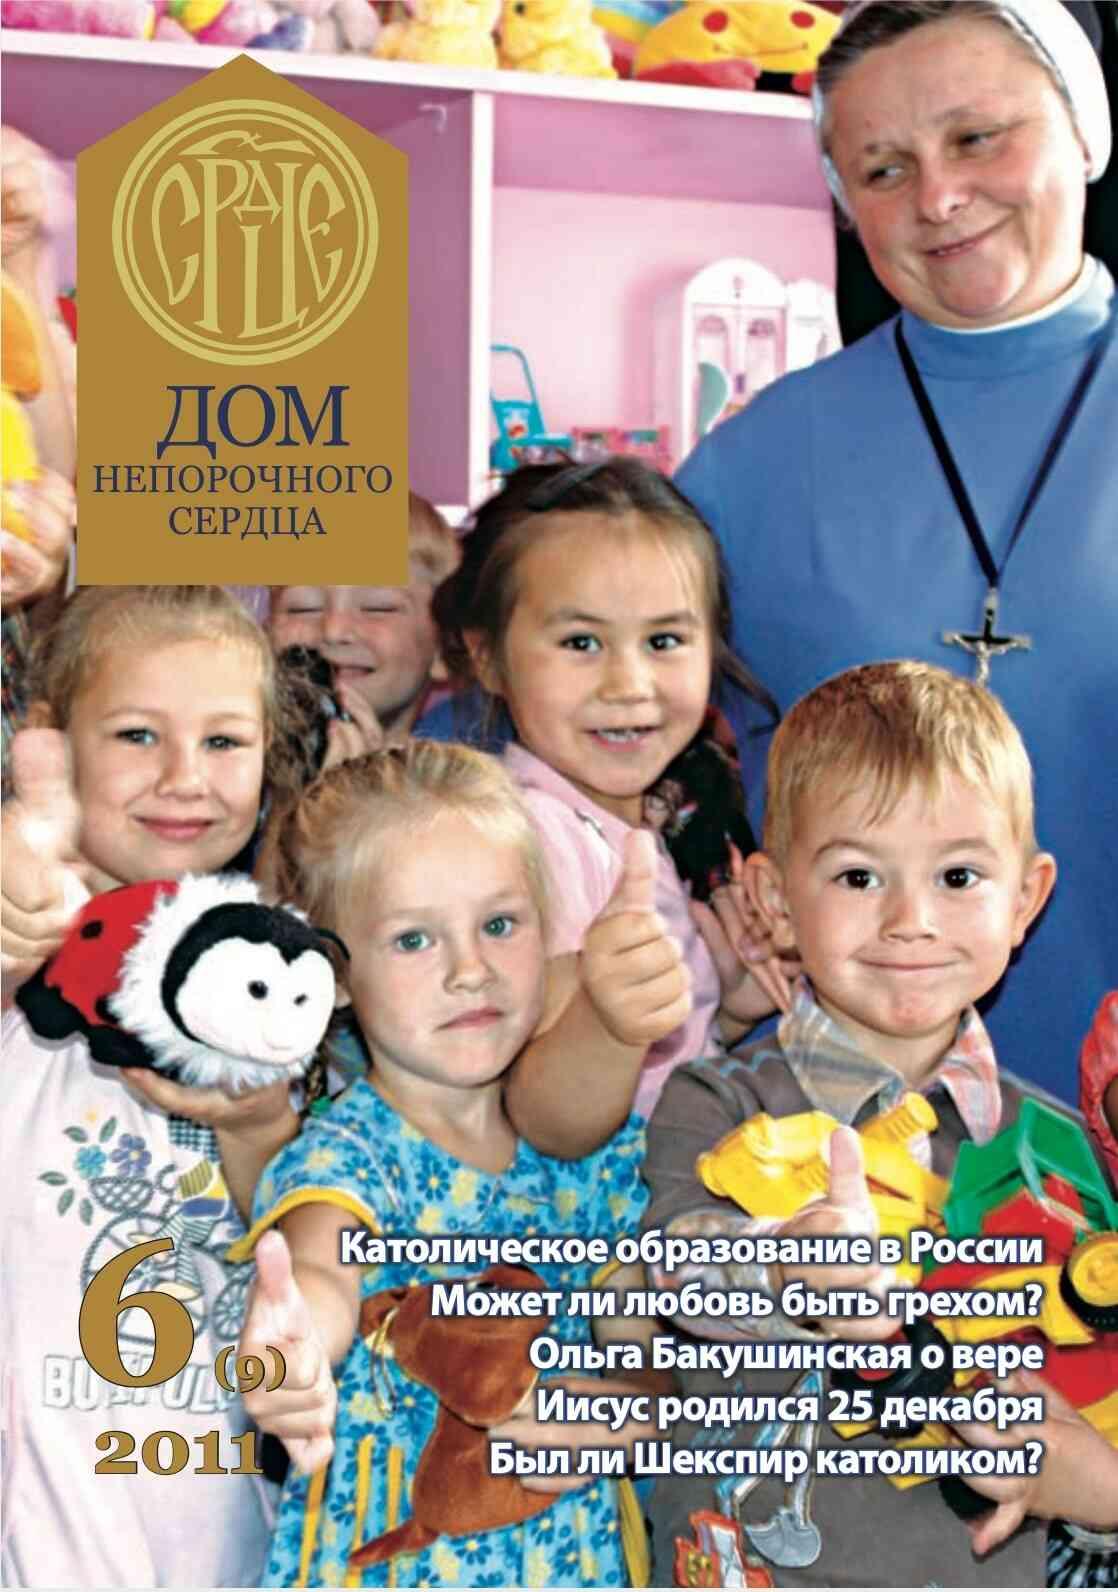 Журнал «Дом Непорочного Сердца» № 6 (9) 2011 год